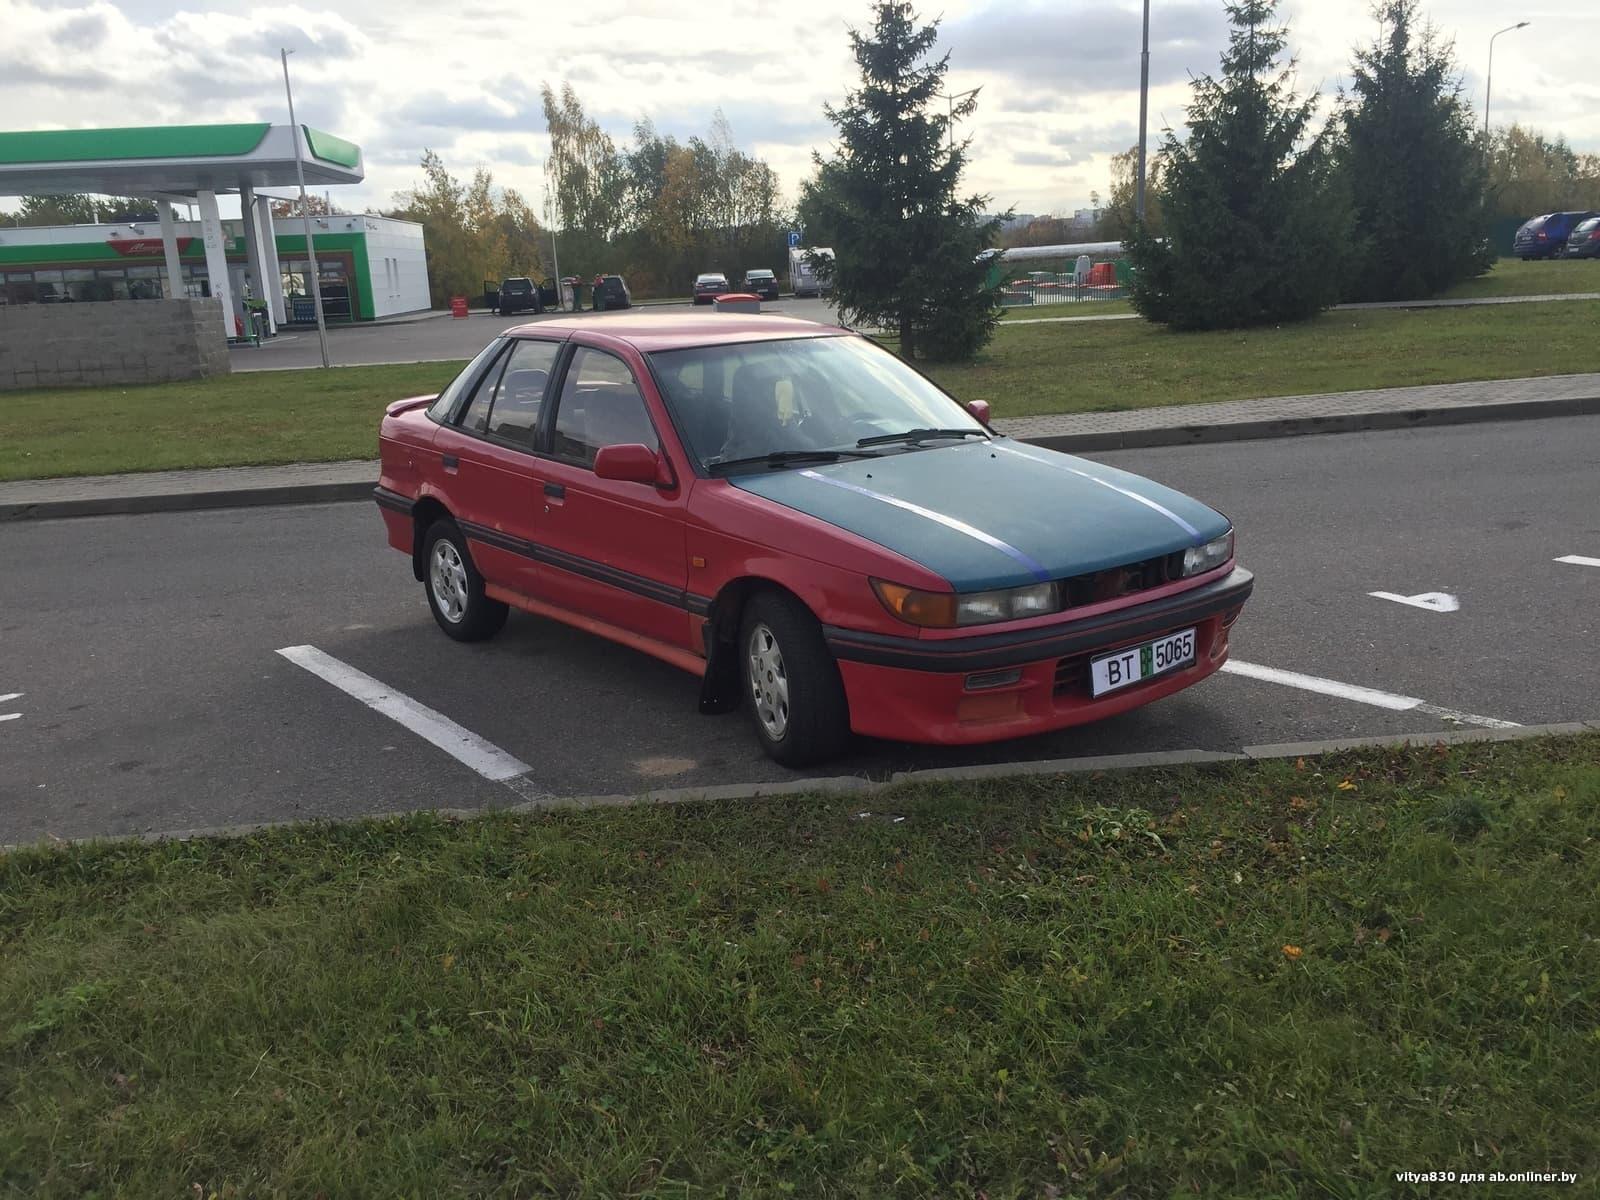 Mitsubishi Lancer Gti